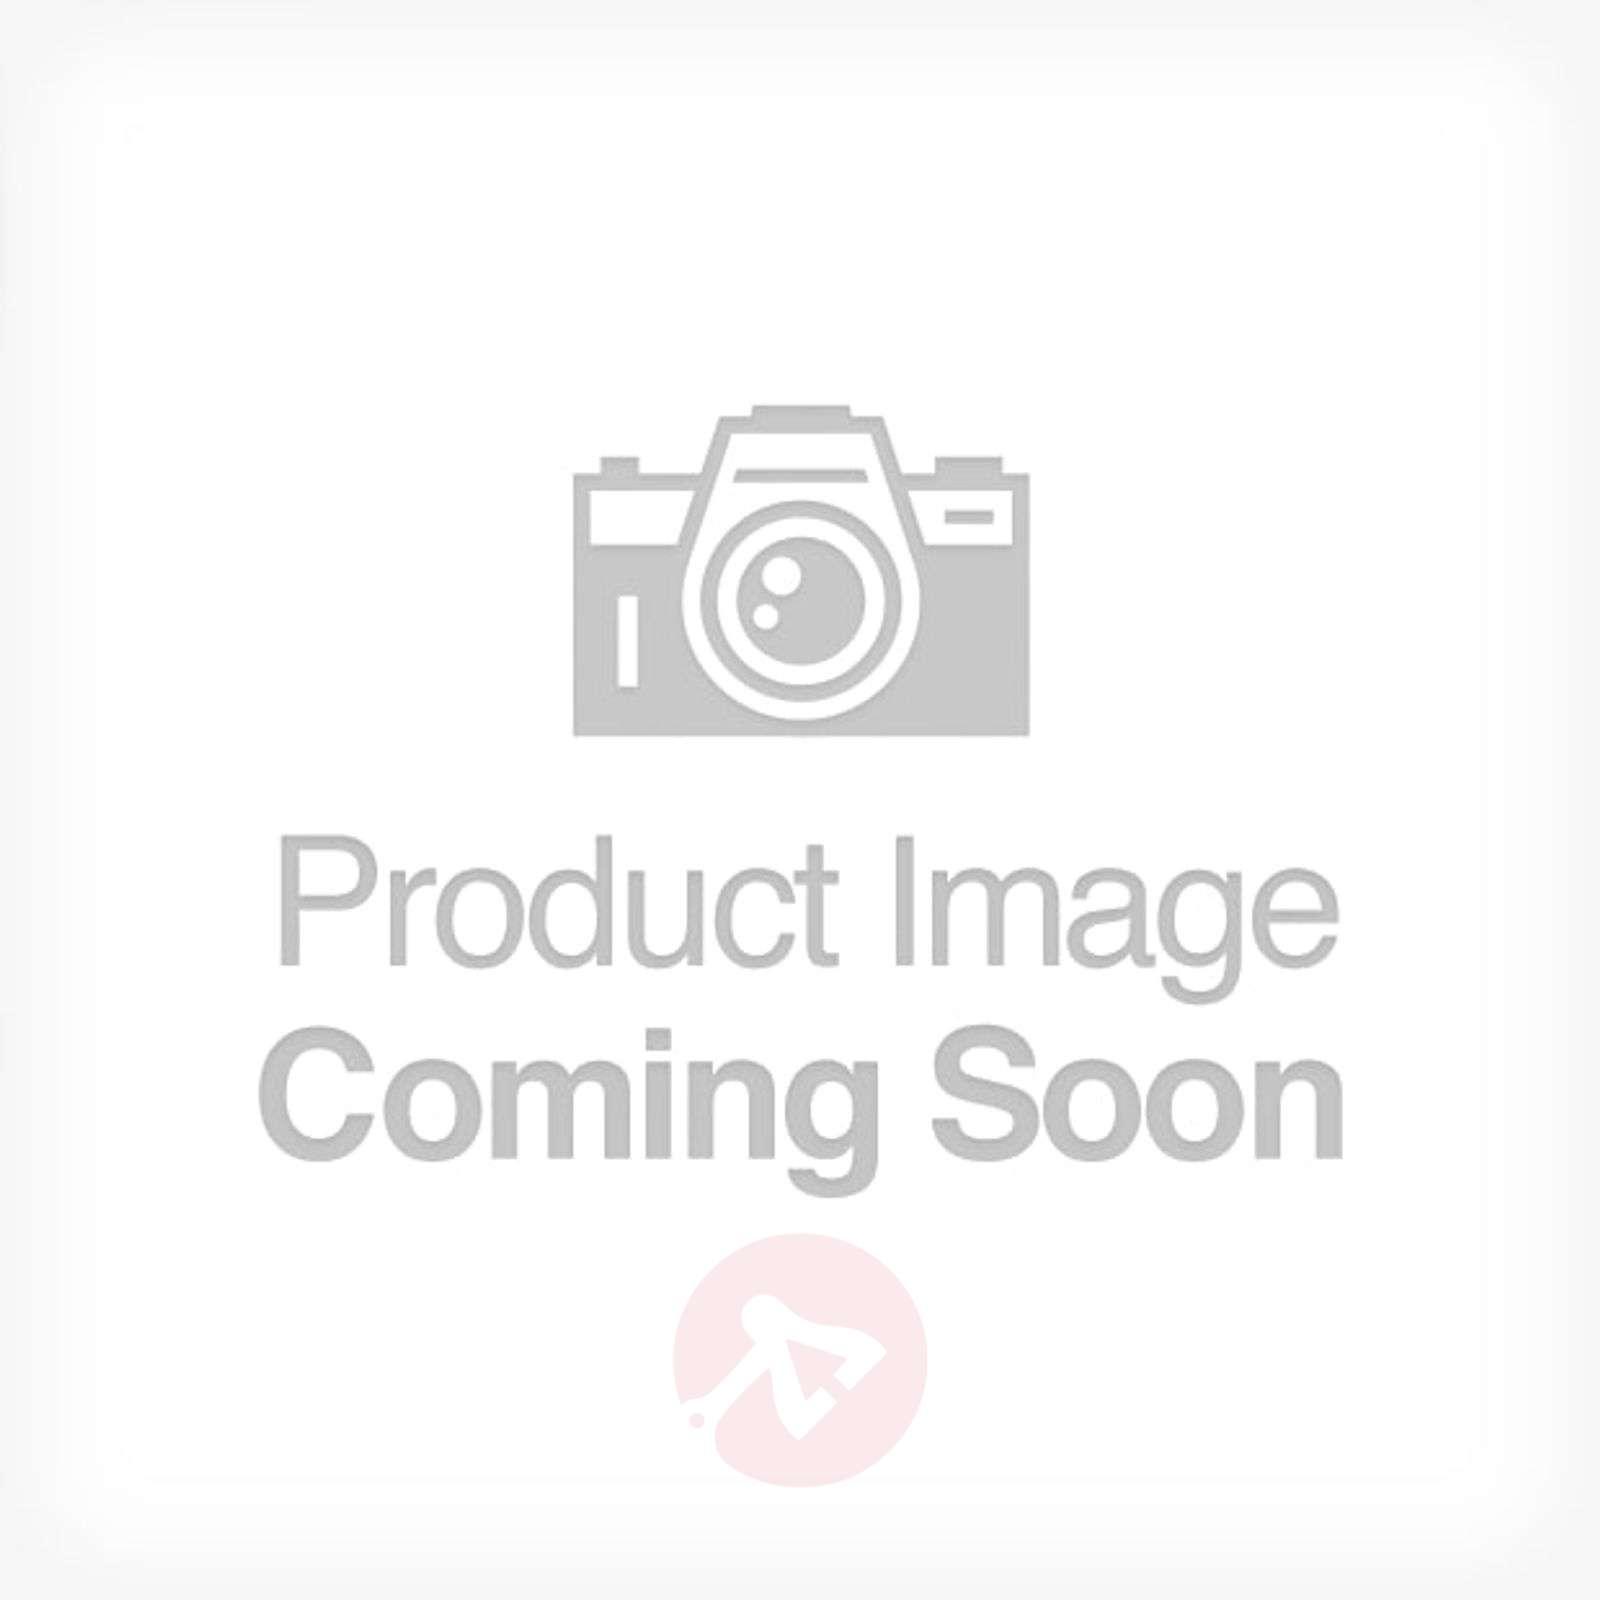 Viehättävä ICE ROUND-kattouppovalaisin-1020106-02